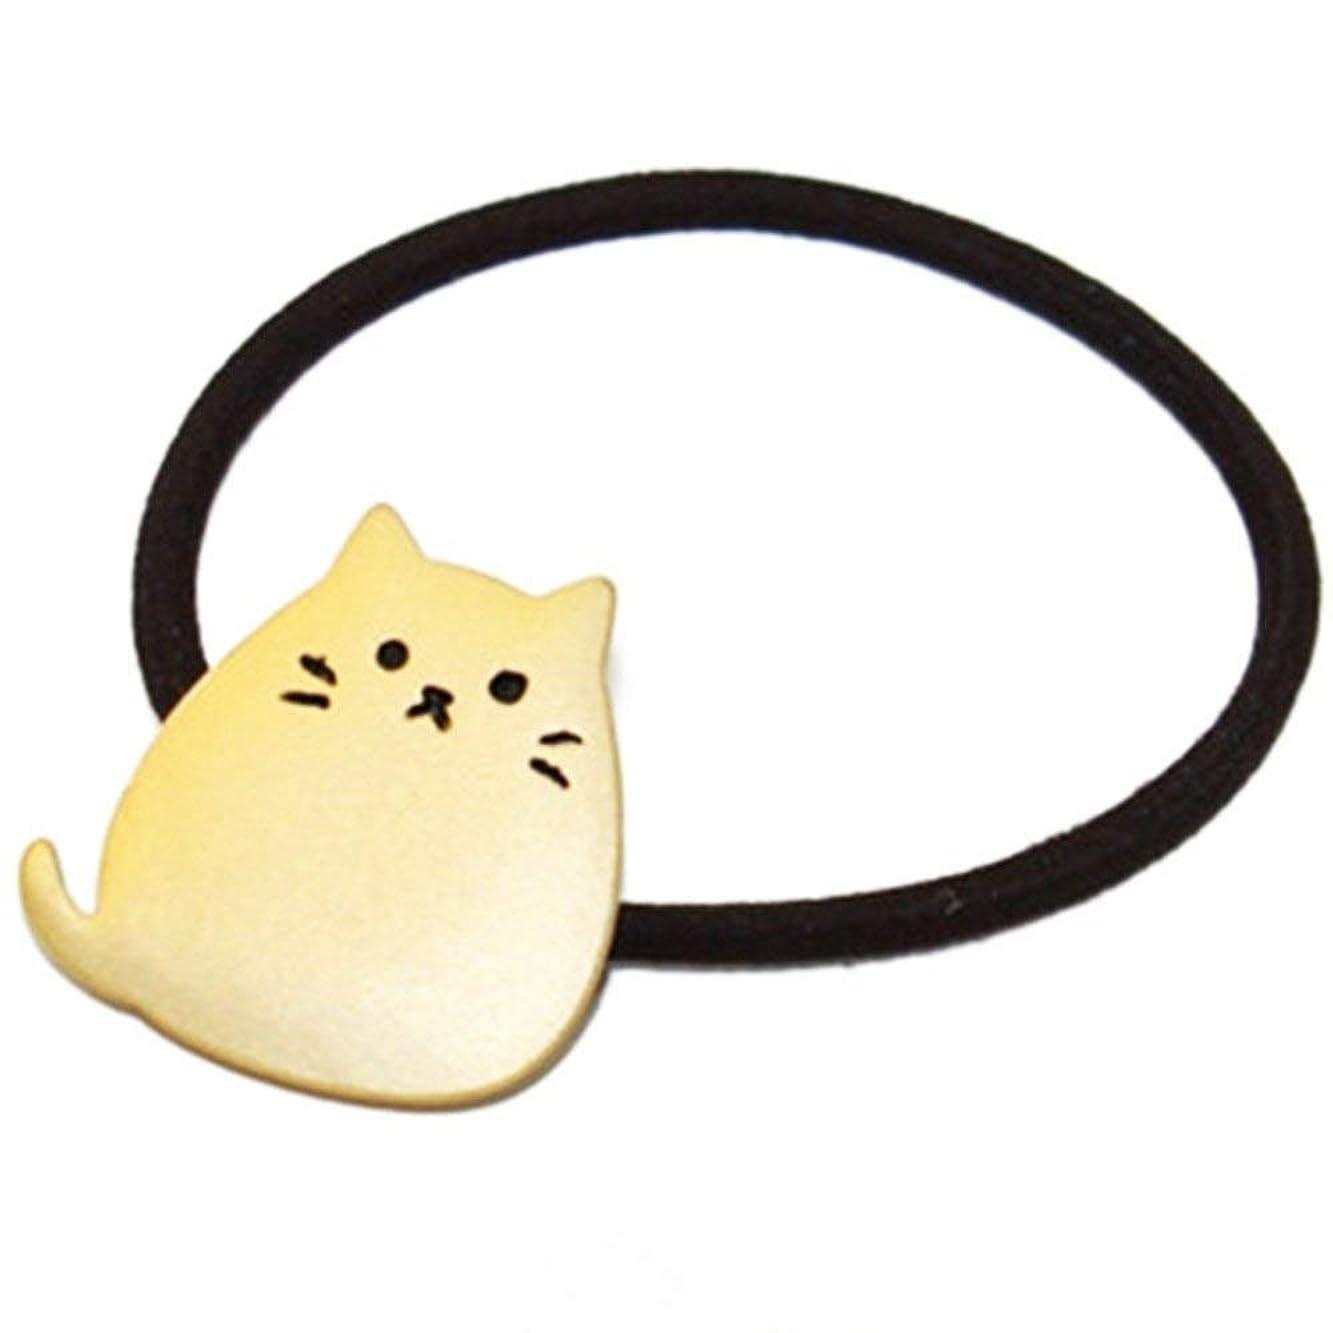 バター合理的その結果Onior ヘアロープ 弾性 リボン 髪飾り ヘアネクタイ 猫形 金属 メッキ 1ピース ゴールデン